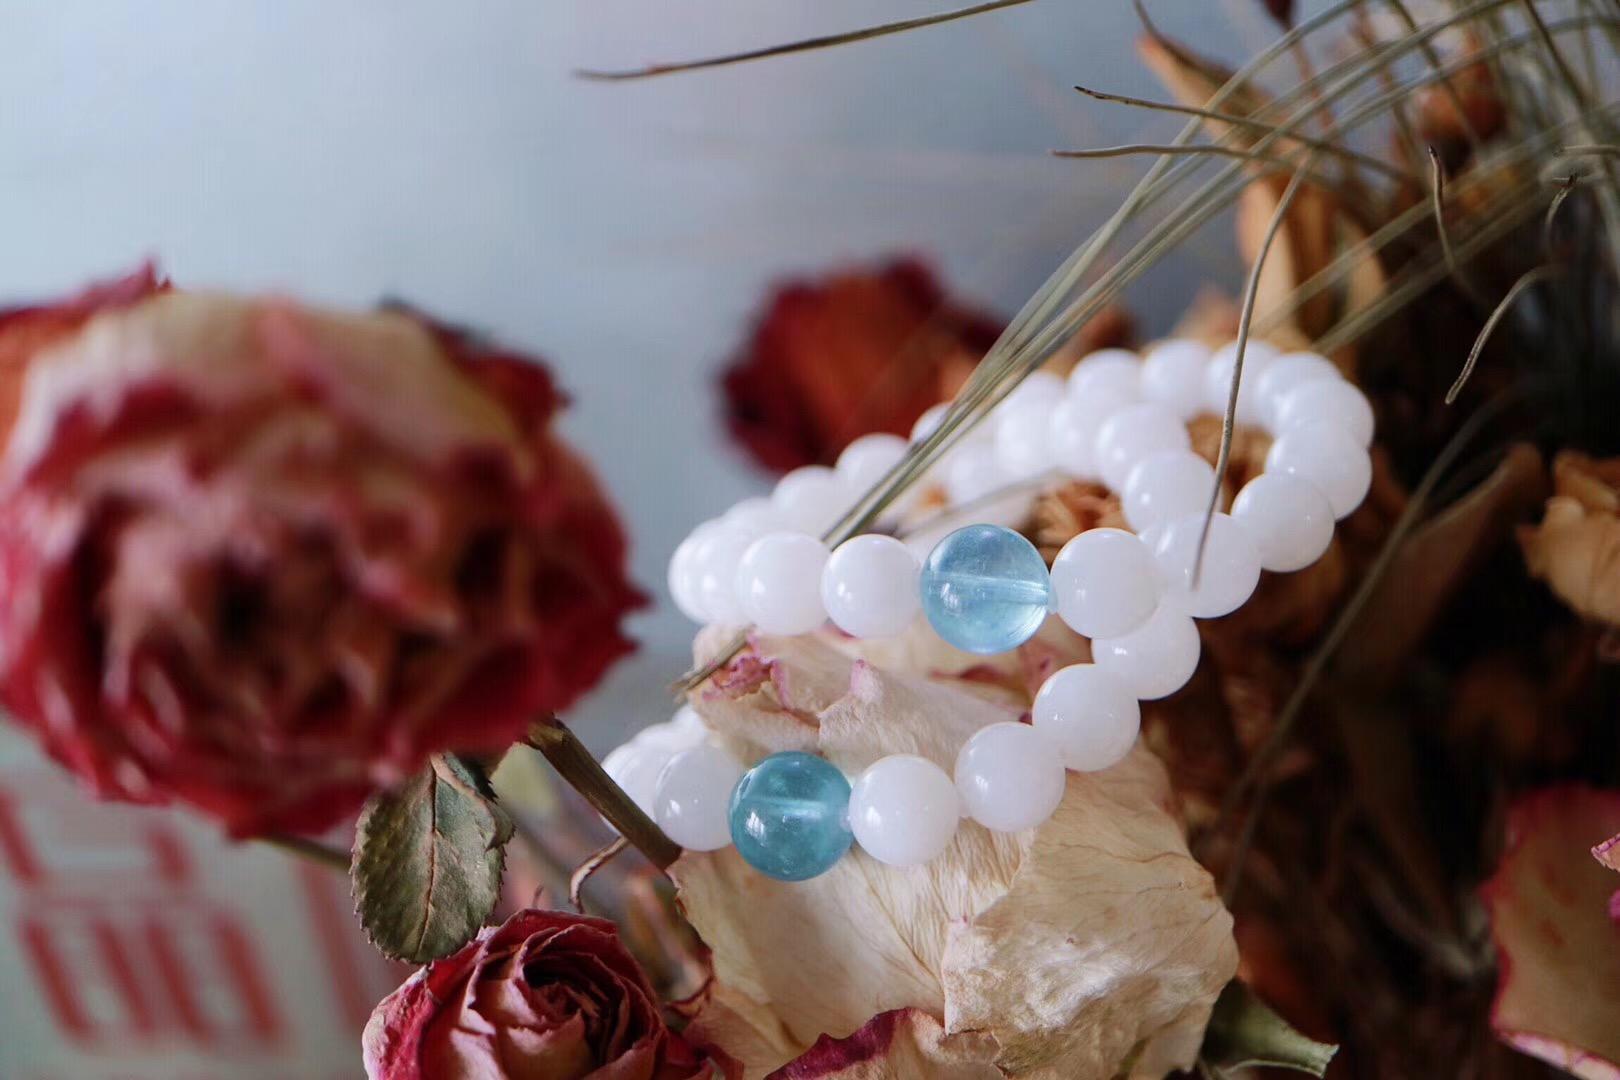 【菩心   玉化砗磲】玉化砗磲配上海蓝宝,可以让我们烦躁的心得以安宁-菩心晶舍